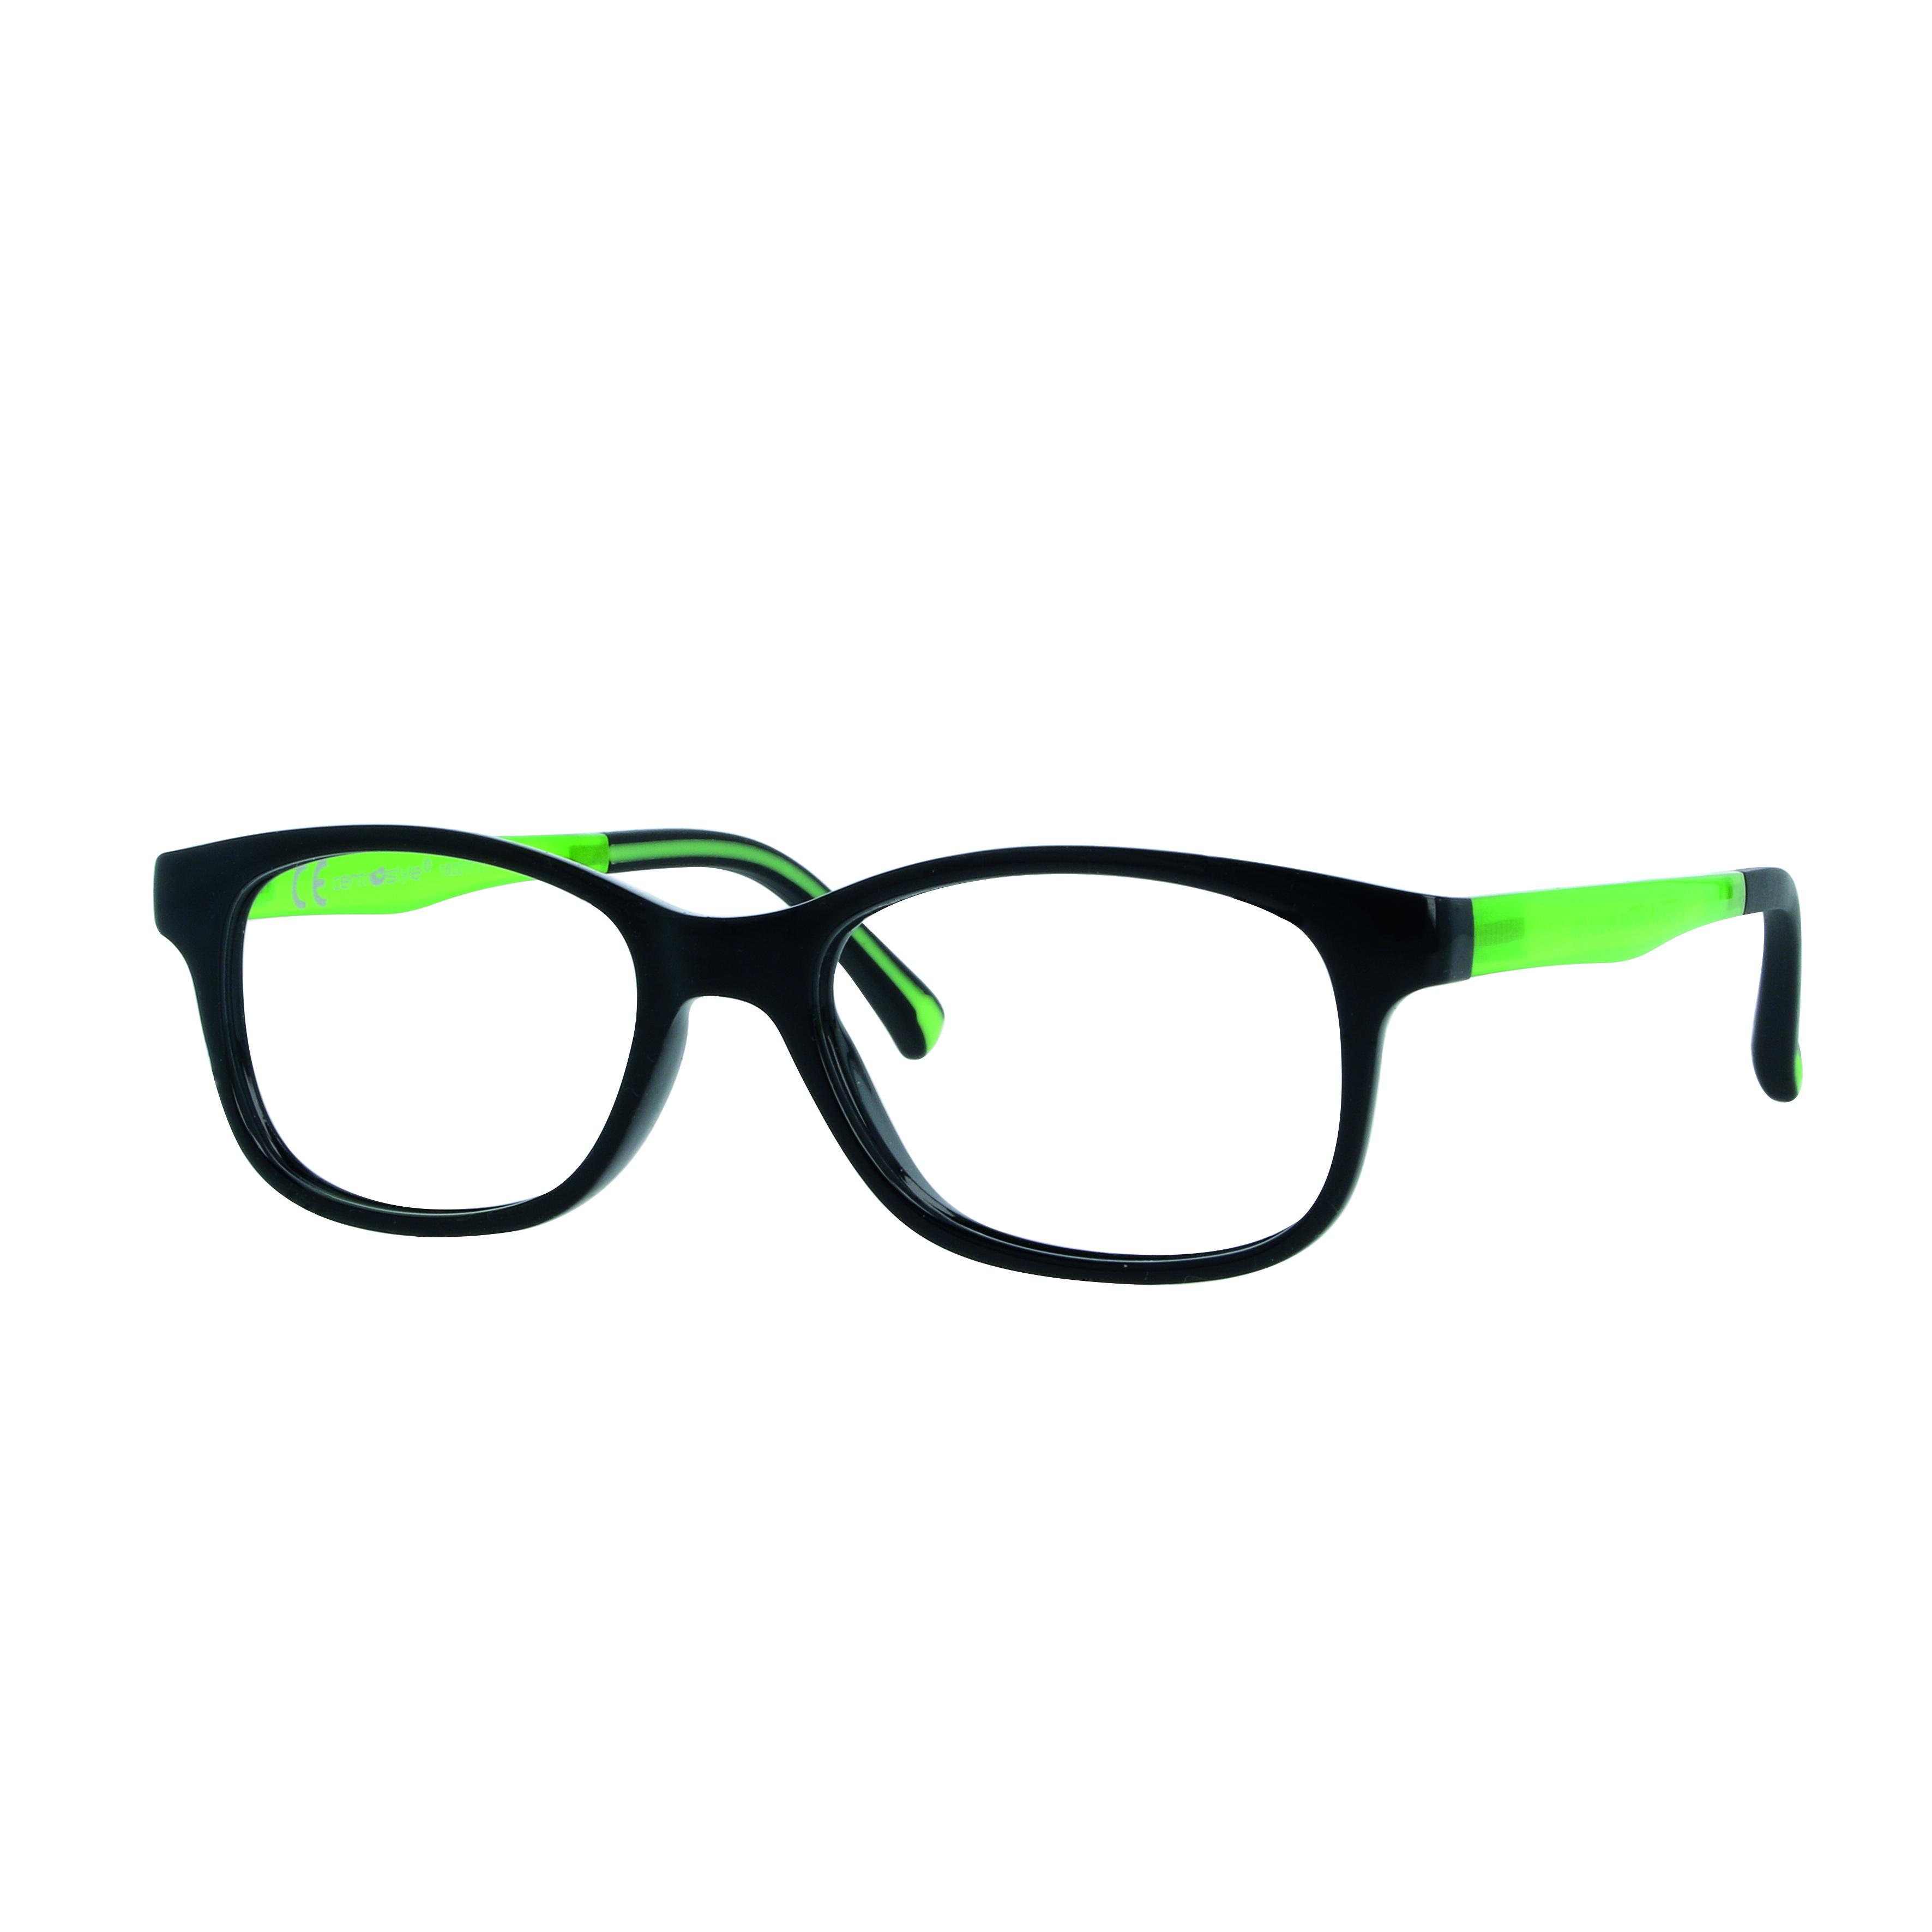 02F012946228000 - Armação Active Colours (5) 46x16 Preto/Verde Mod F012946228000 - Contém 1 Peça